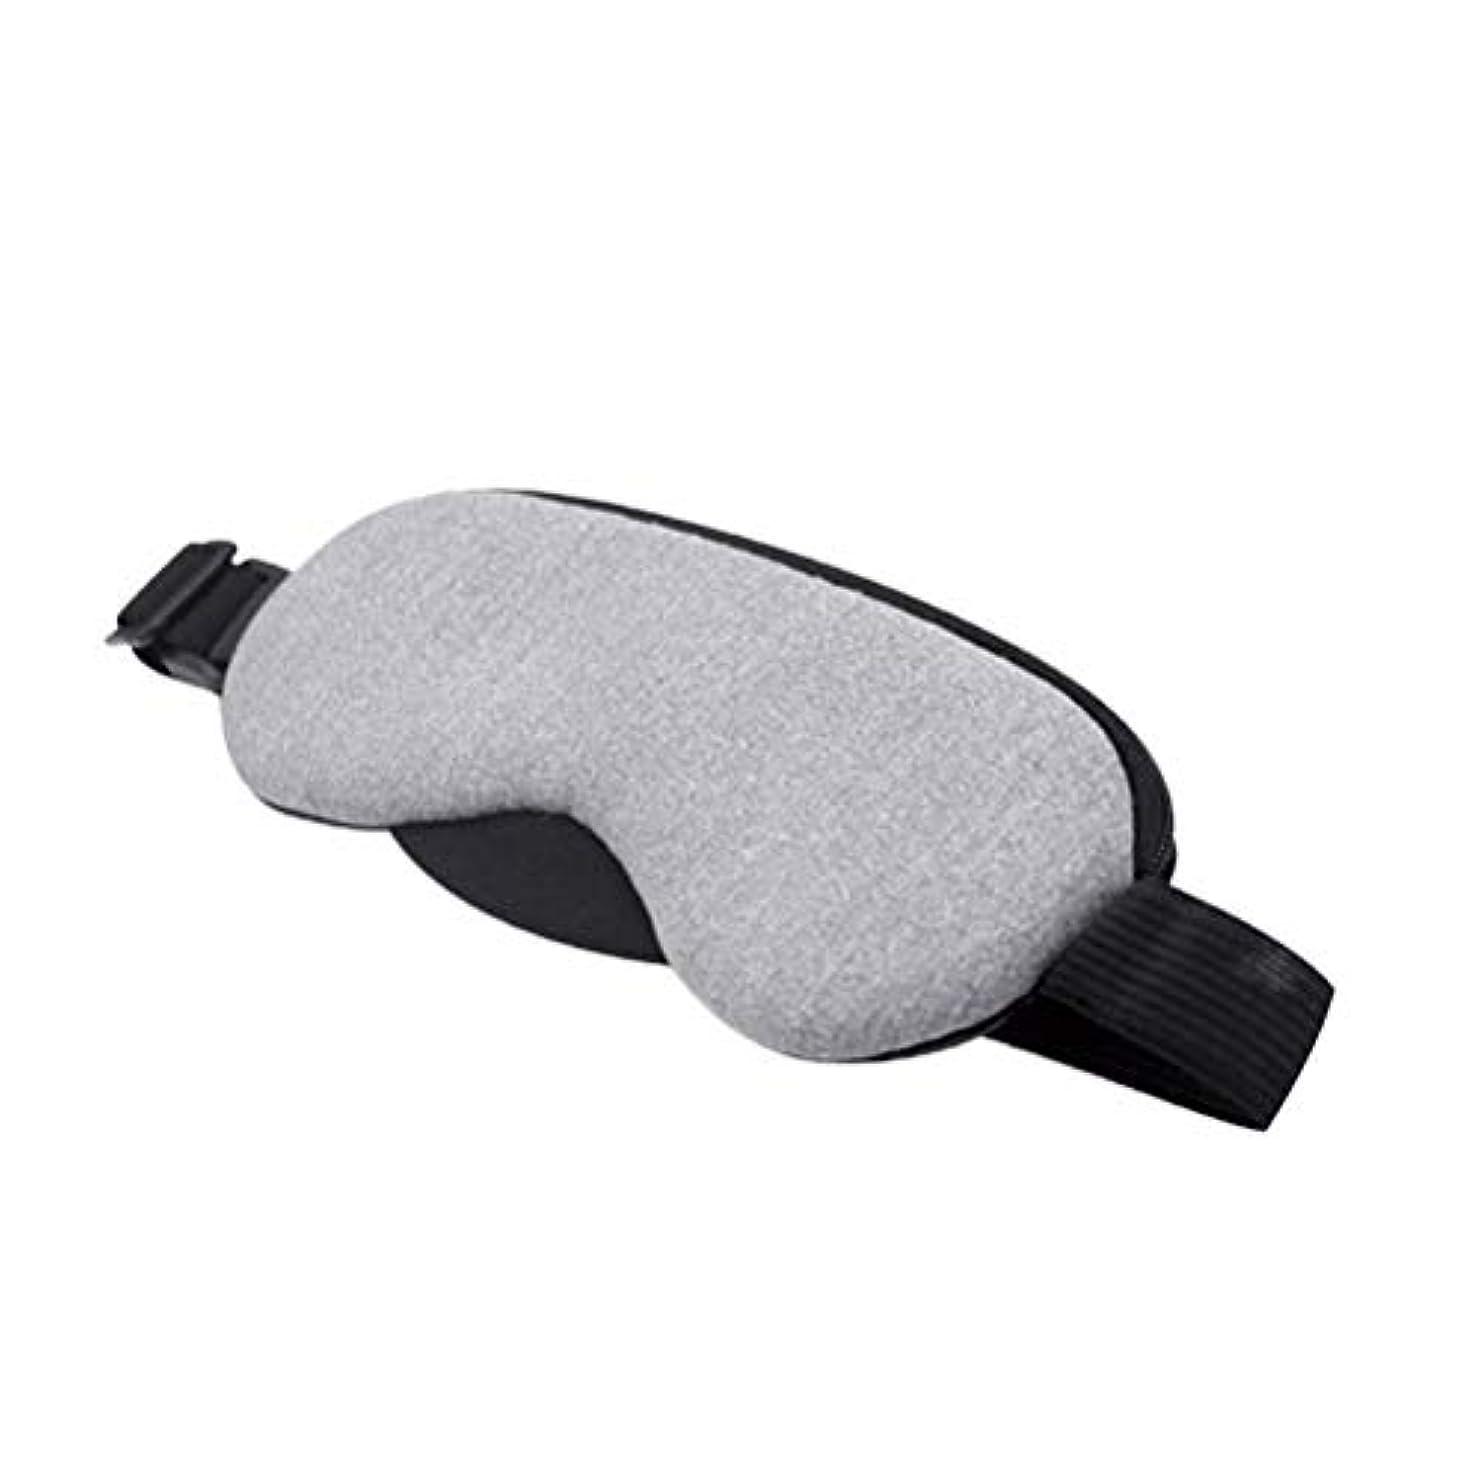 正規化音楽家コンクリートHealifty アイマスク 蒸気ホットアイマスク USB 加熱式 スリーピングアイマスク 温度とタイミング制御 吹き出物/乾燥/疲れた目(灰色)